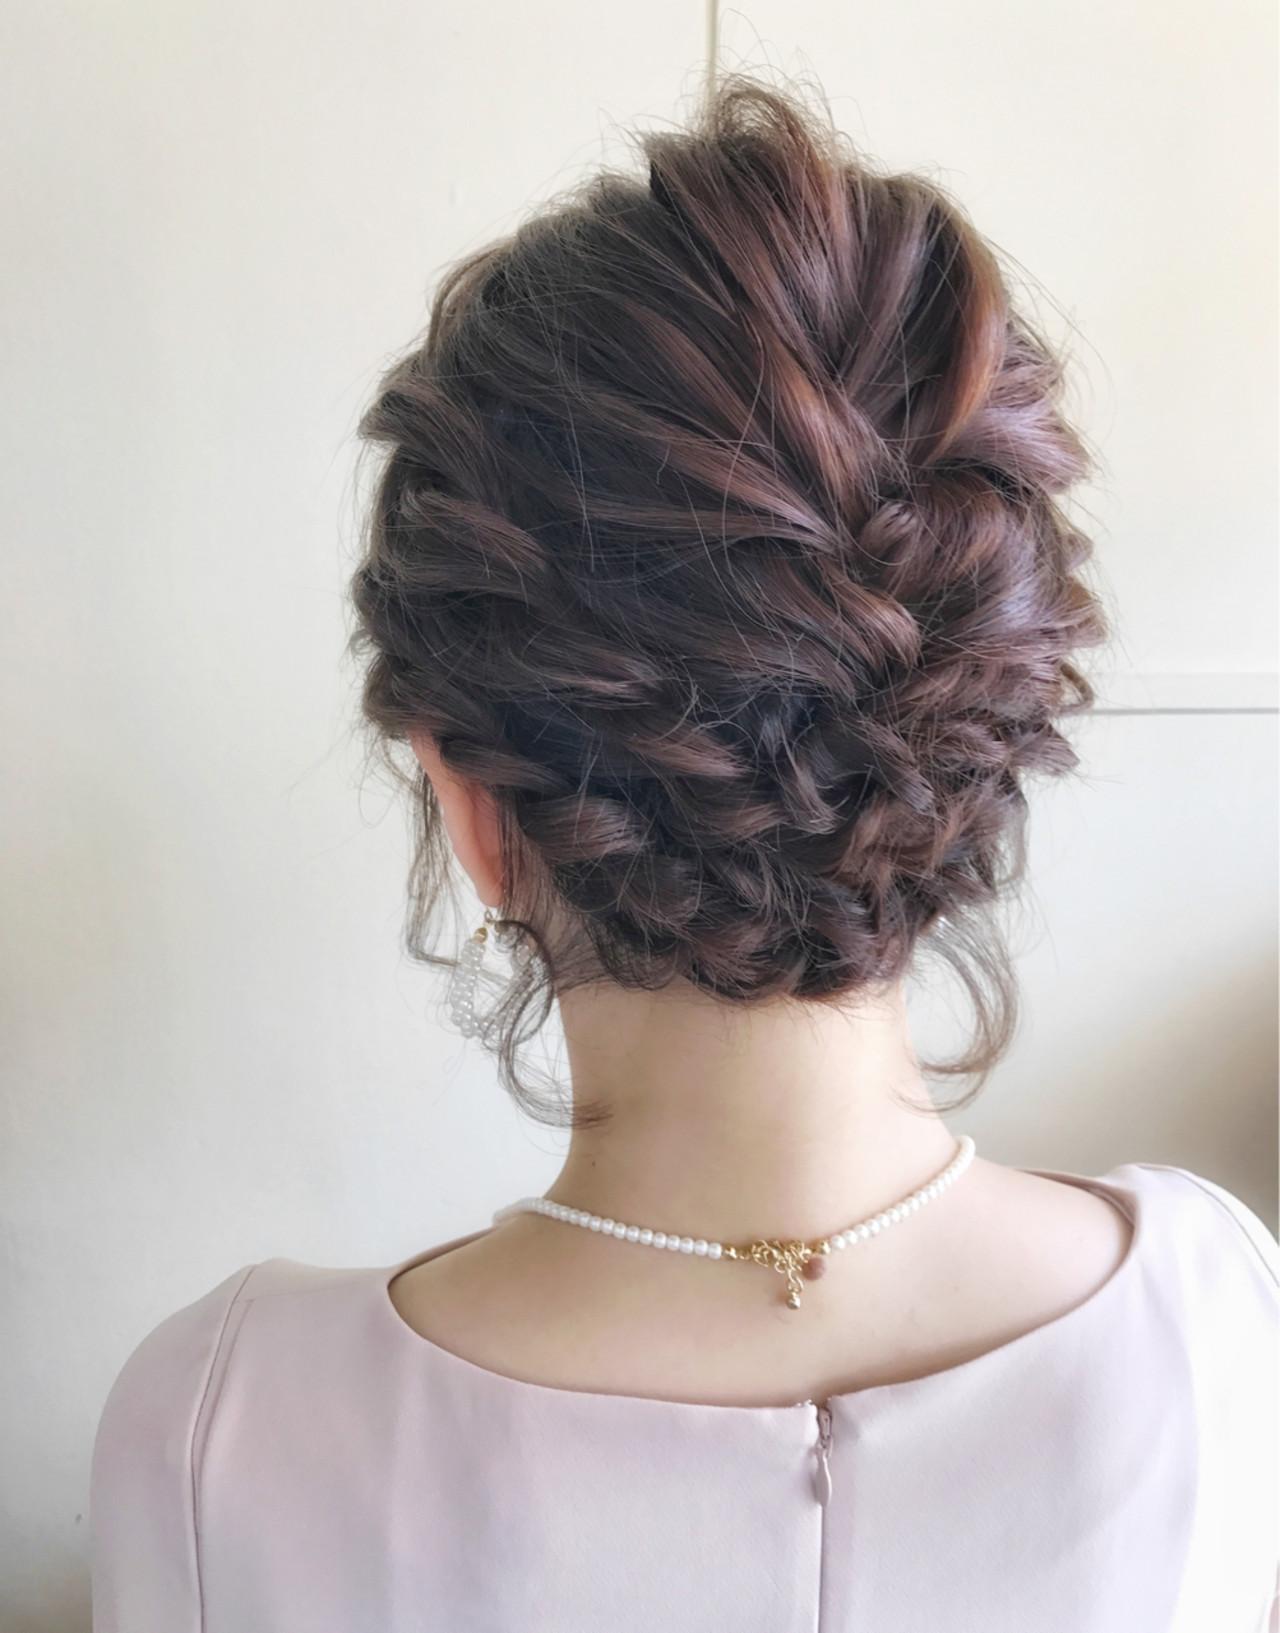 結婚式 ショート ヘアアレンジ フェミニン ヘアスタイルや髪型の写真・画像